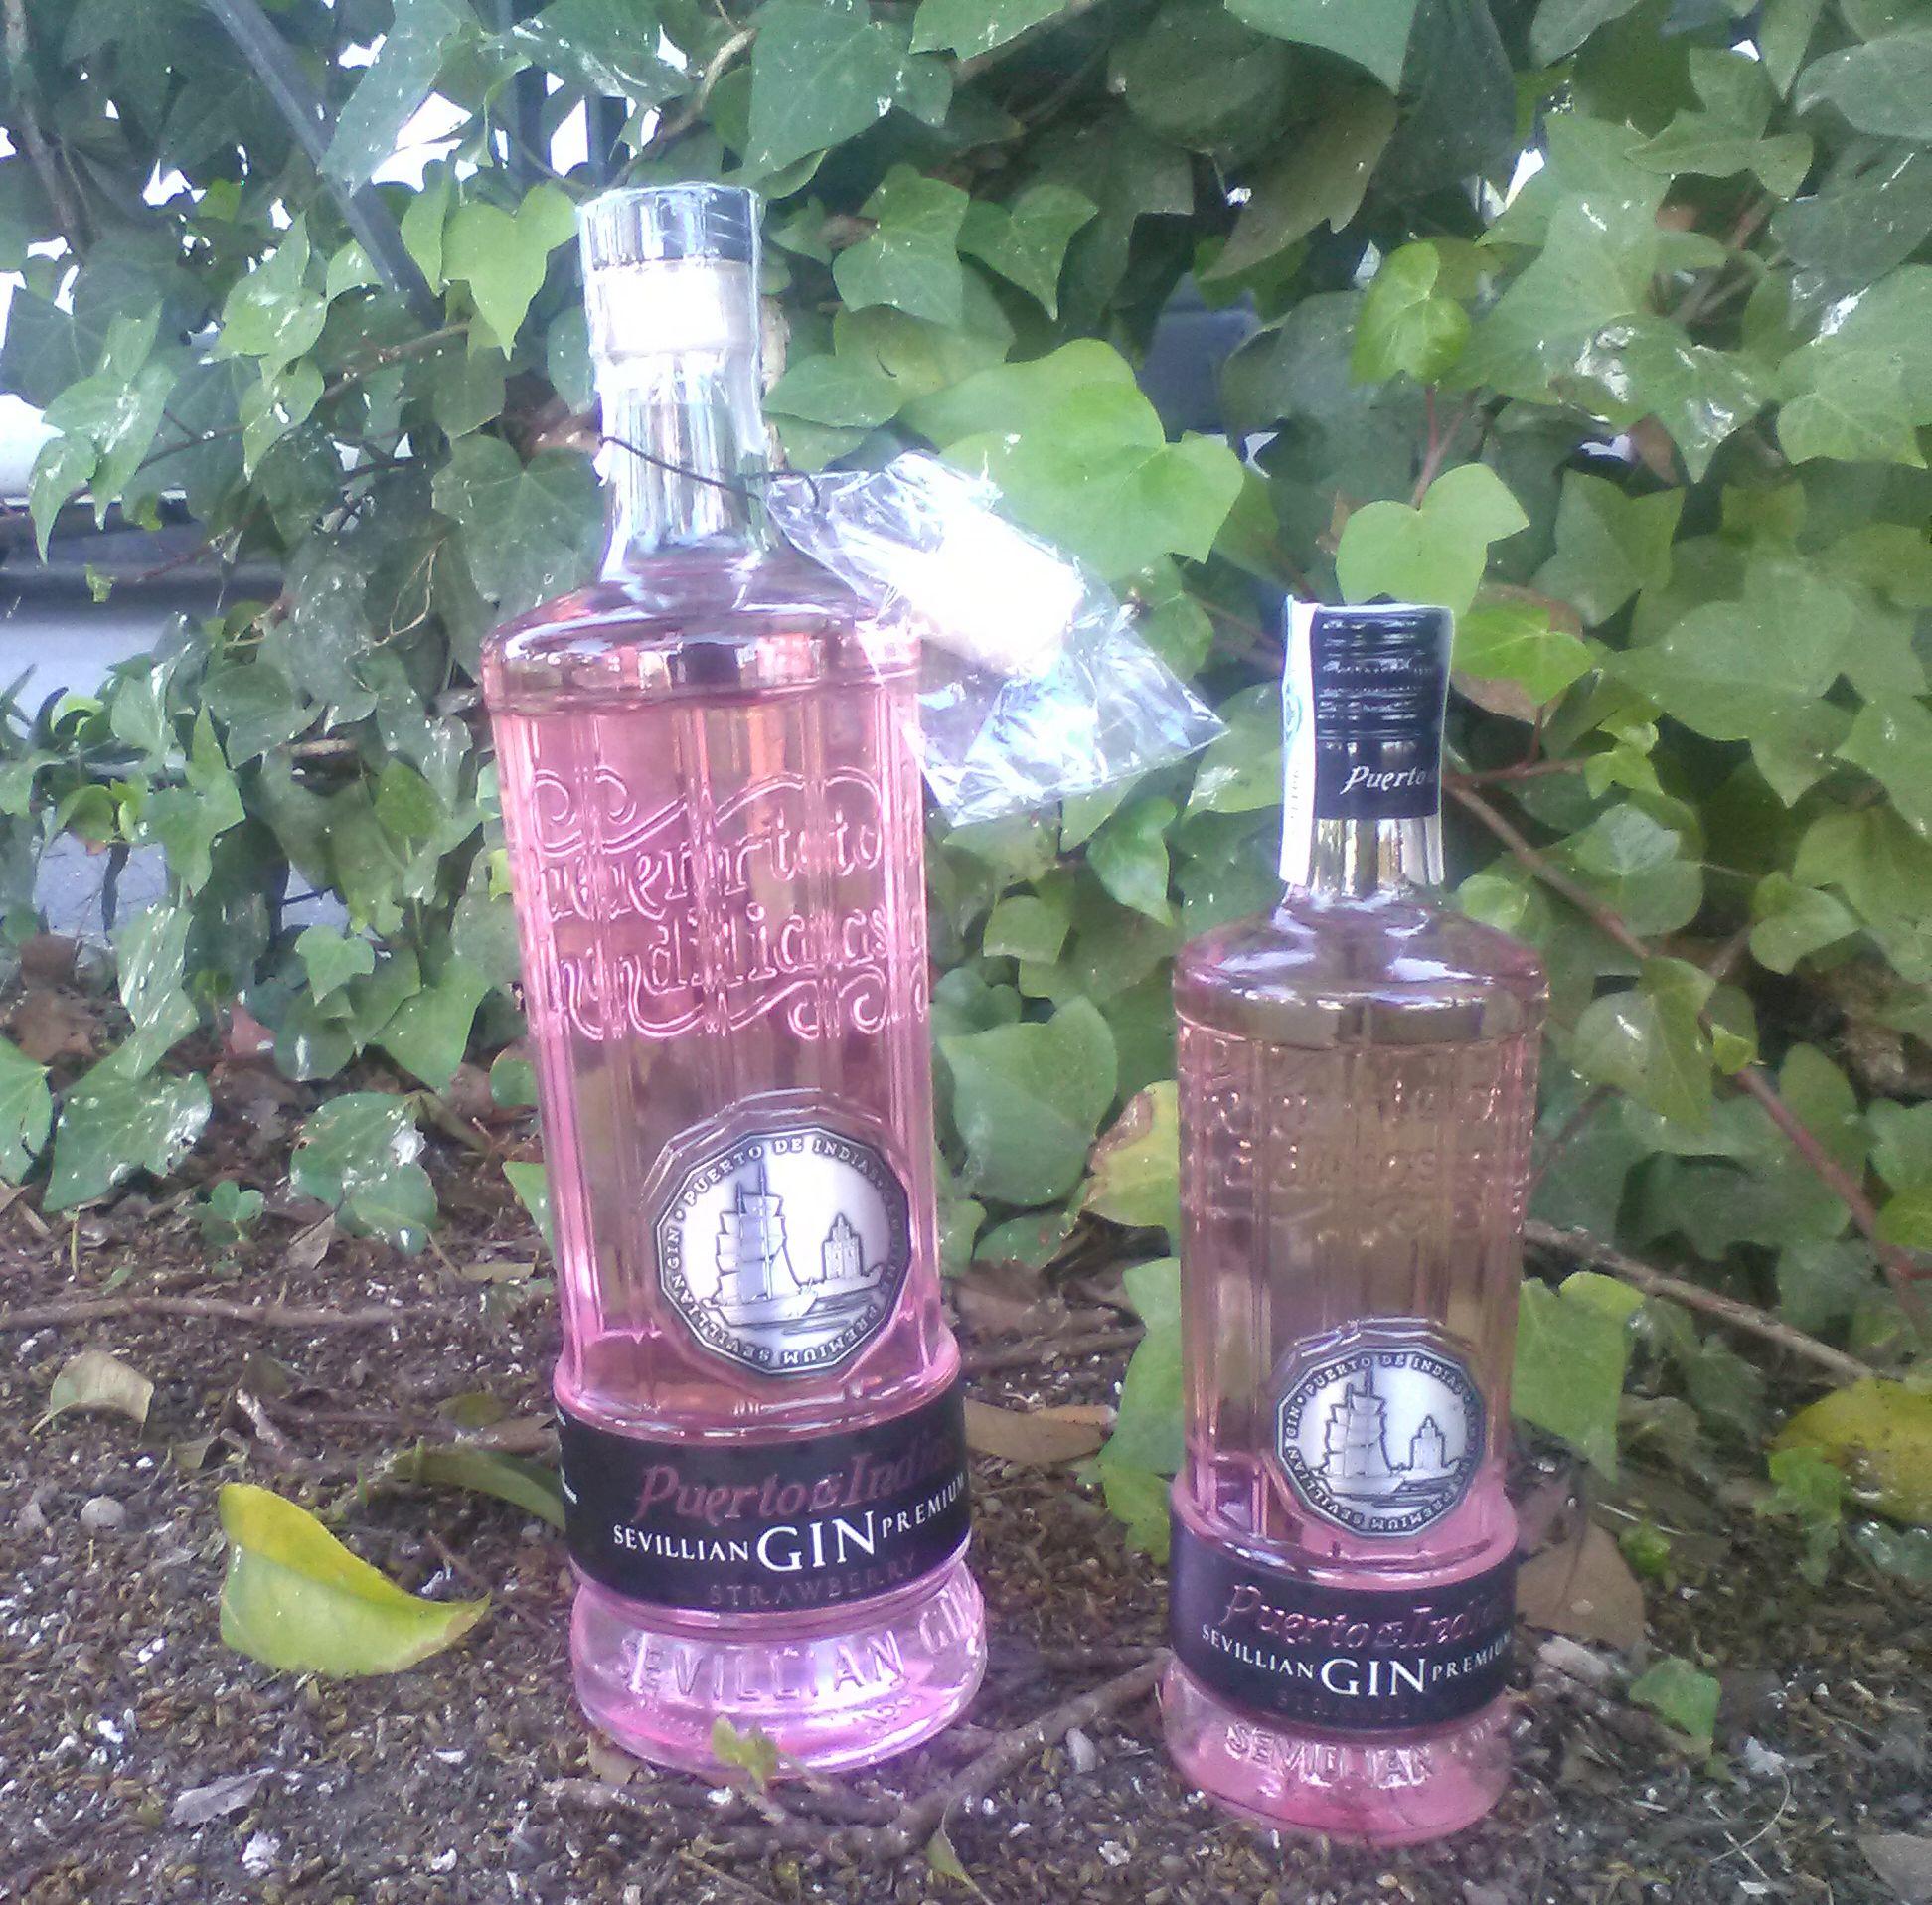 Nueva botella gigante de la ginebra sevillana premium puerto de indias strawberry 1 75 litros - Ginebra puerto de indias precio ...